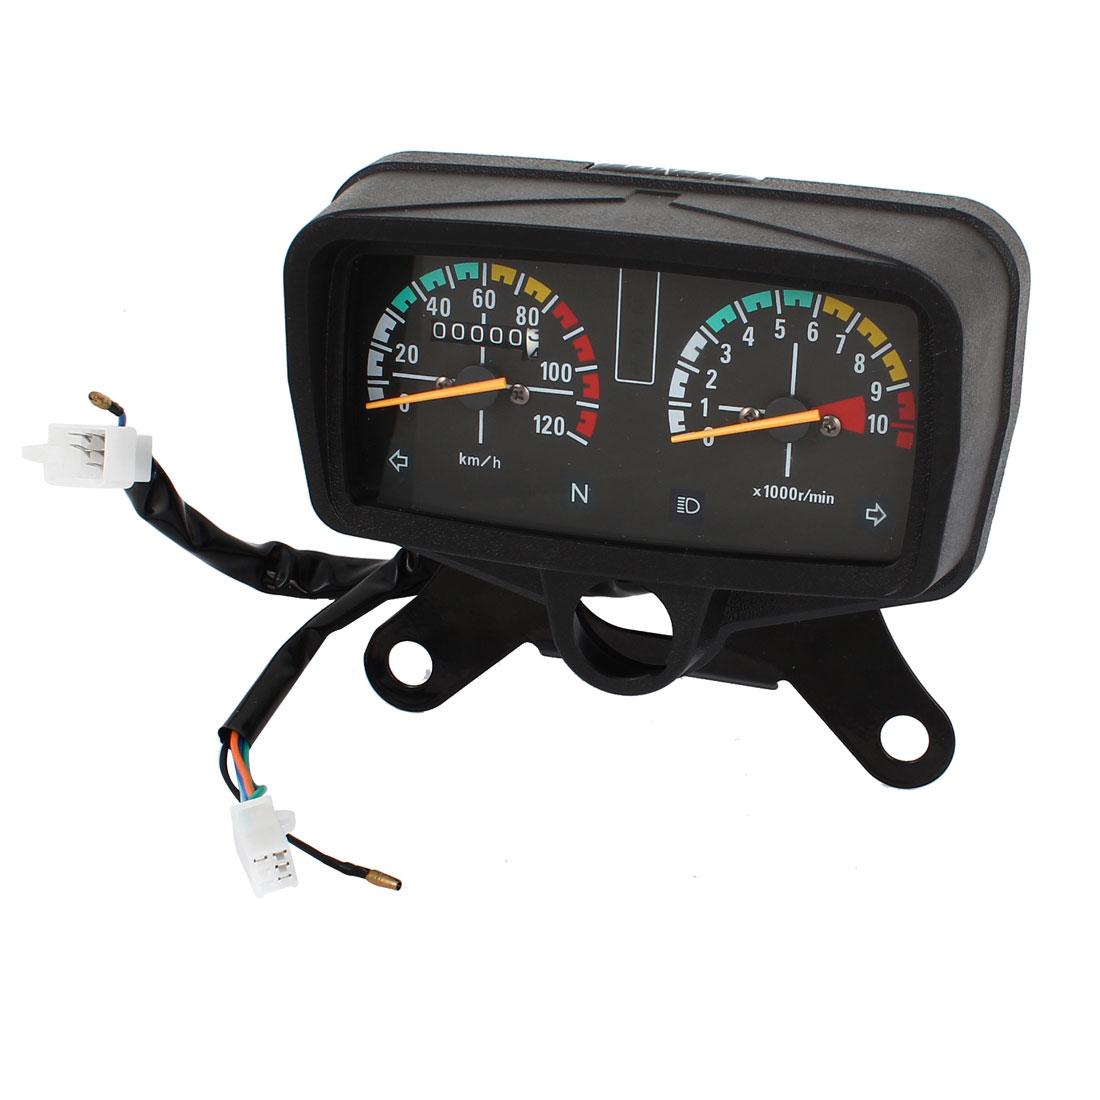 Motorcycle Speedometer Tachometer Odometer Gauge Cluster 0-120km/h